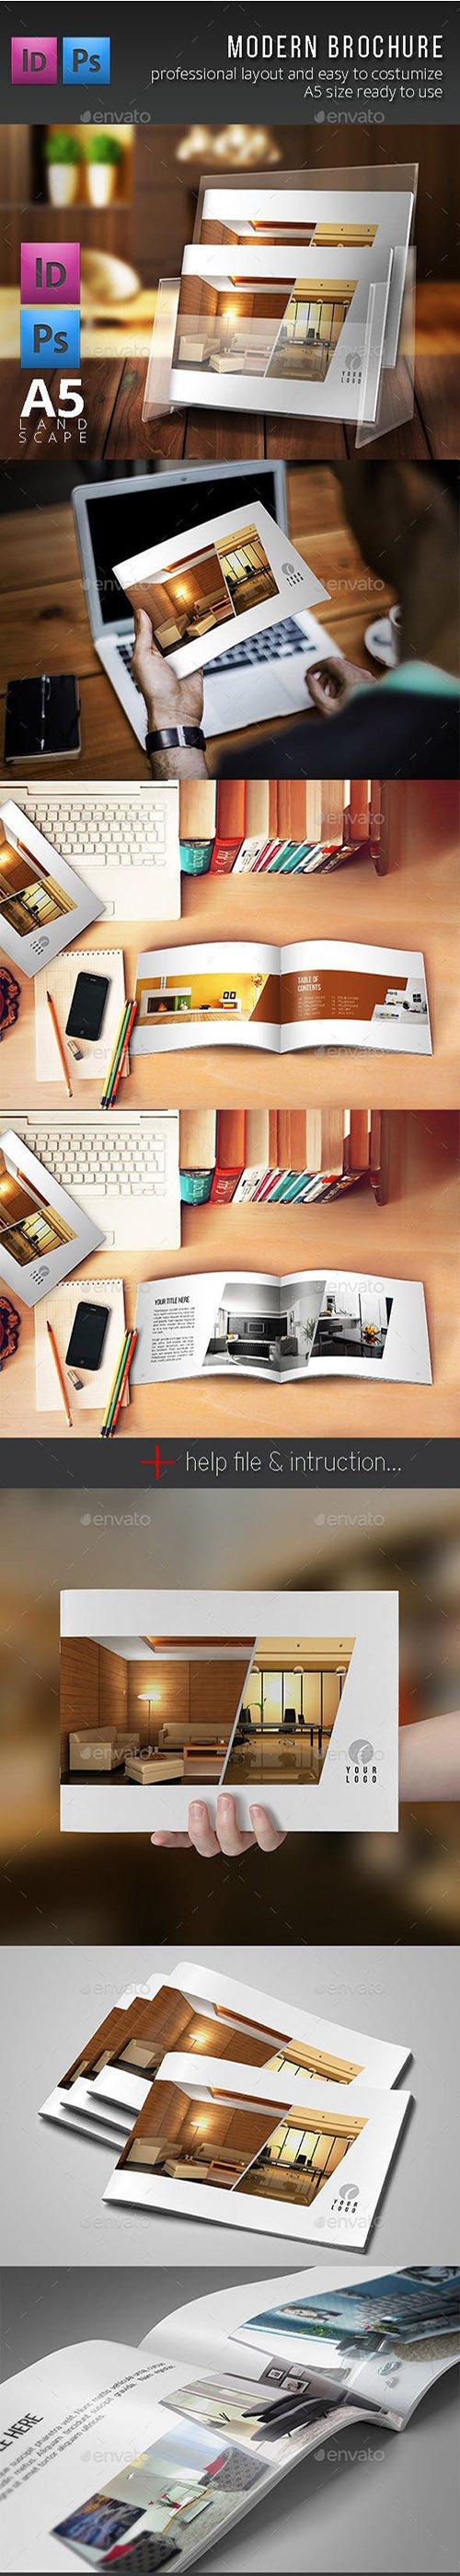 GR - Modern Catalog Brochure 10814346